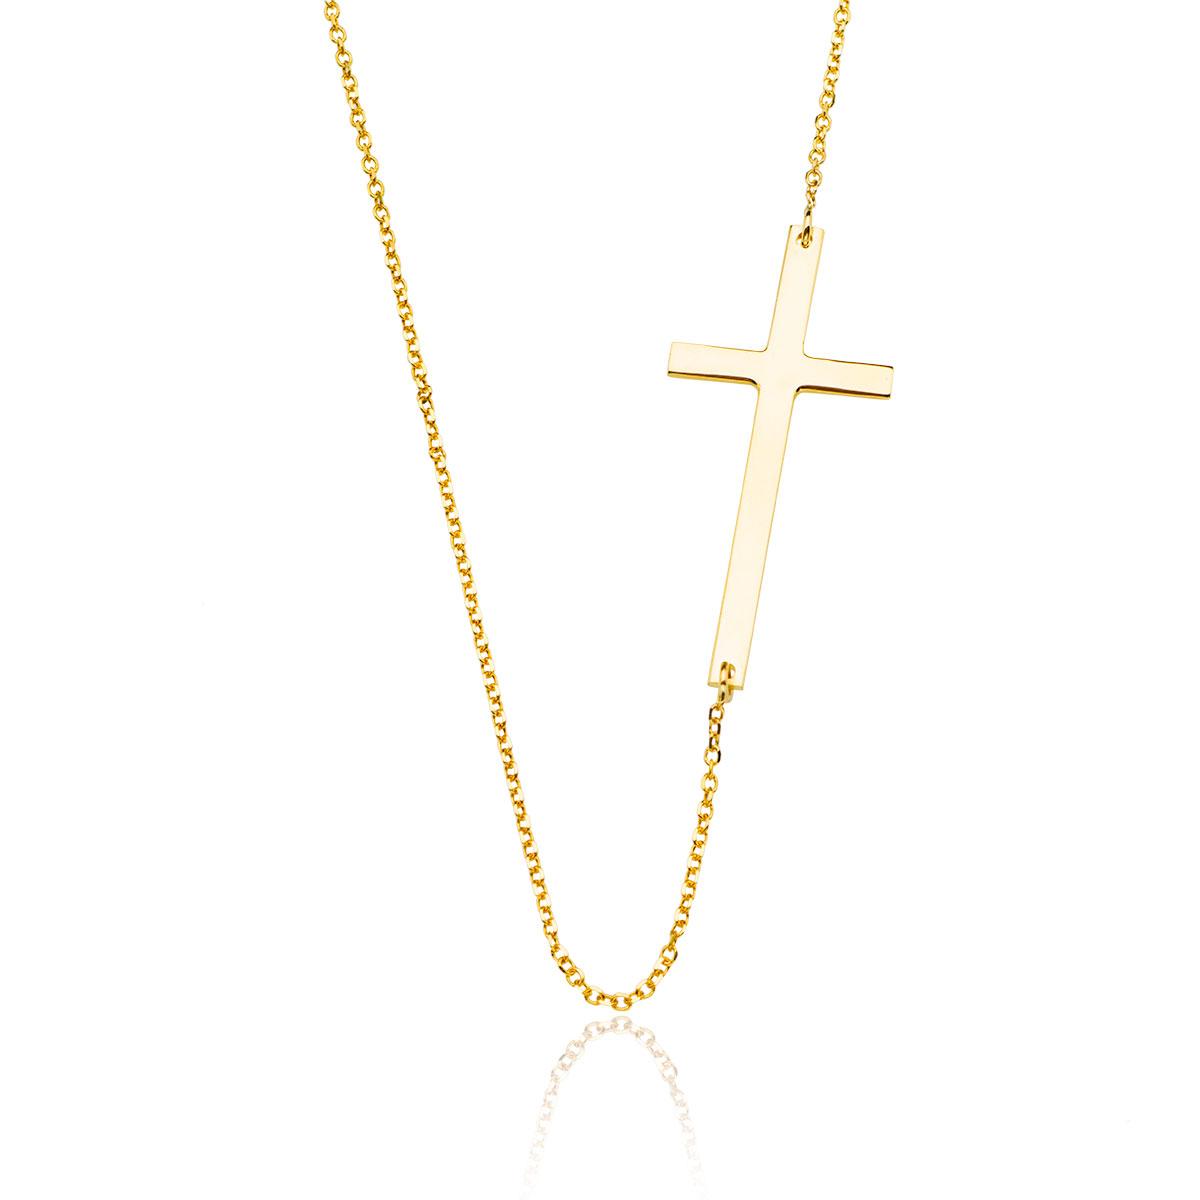 1a6daf29f1e990 Złoty krzyżyk - naszyjnik celebrytki - złoto próby 585